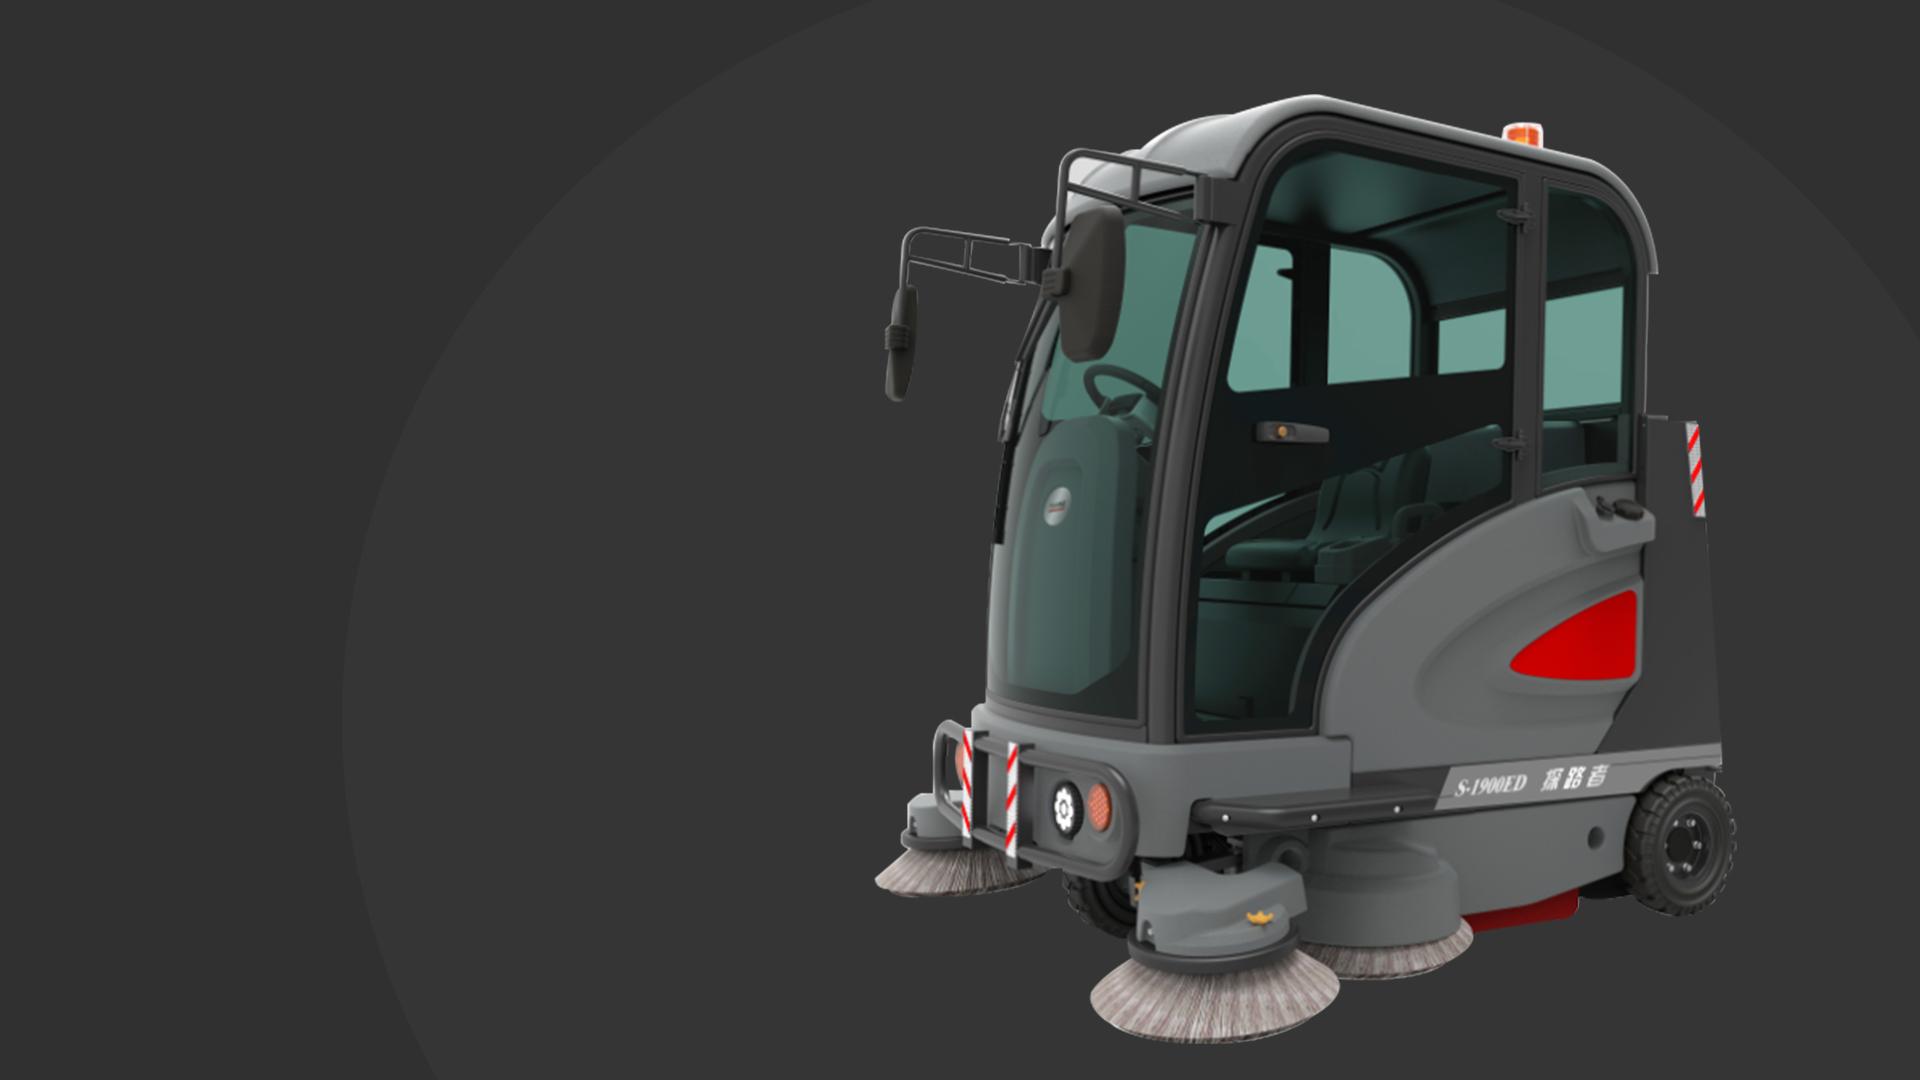 一台用了几年的扫地车噪音越来越大该怎么办?